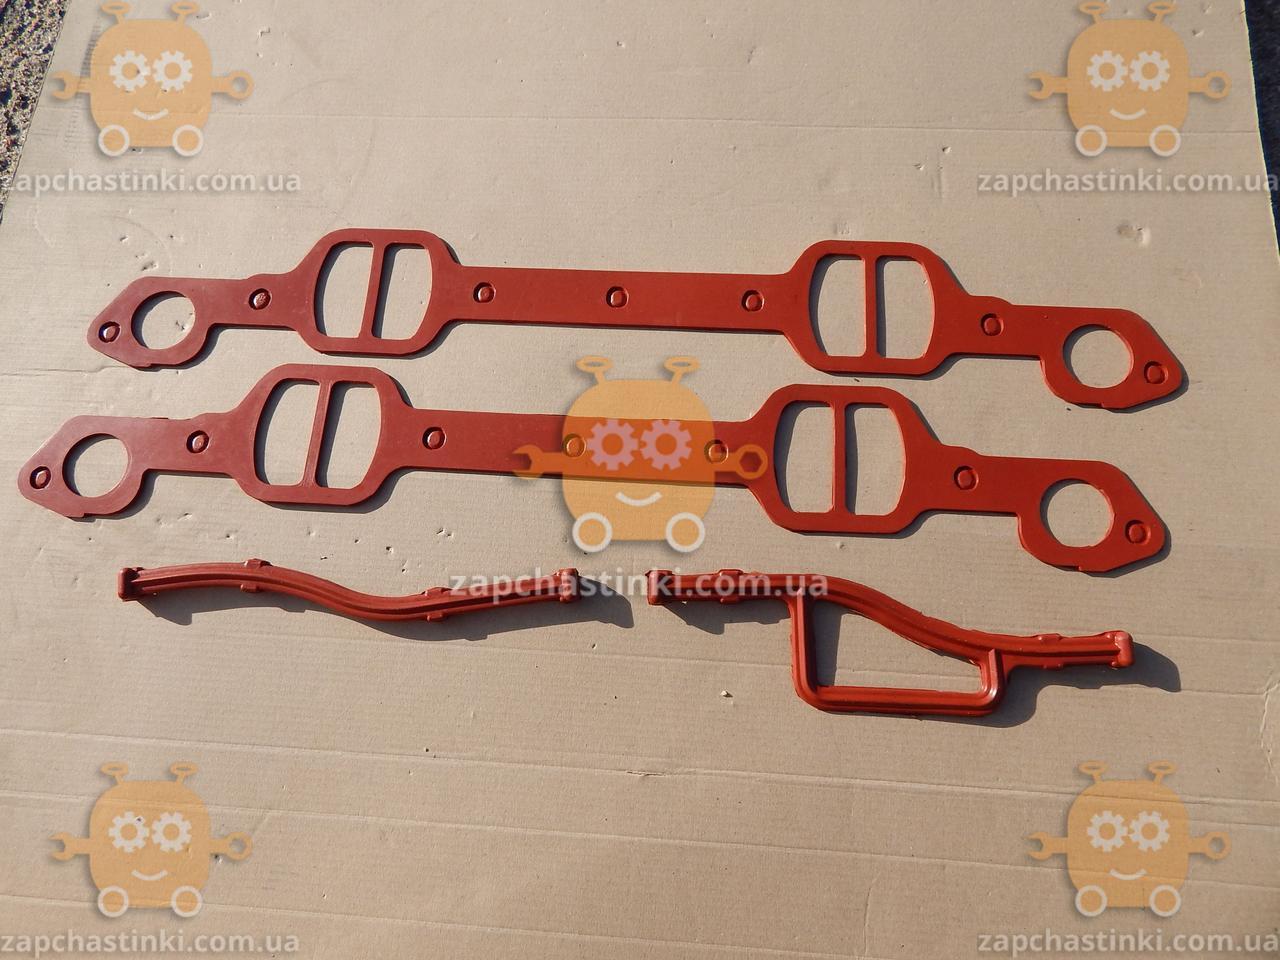 Прокладка паука ЗИЛ 130 СИЛИКОН красный (4 единицы) З 154903